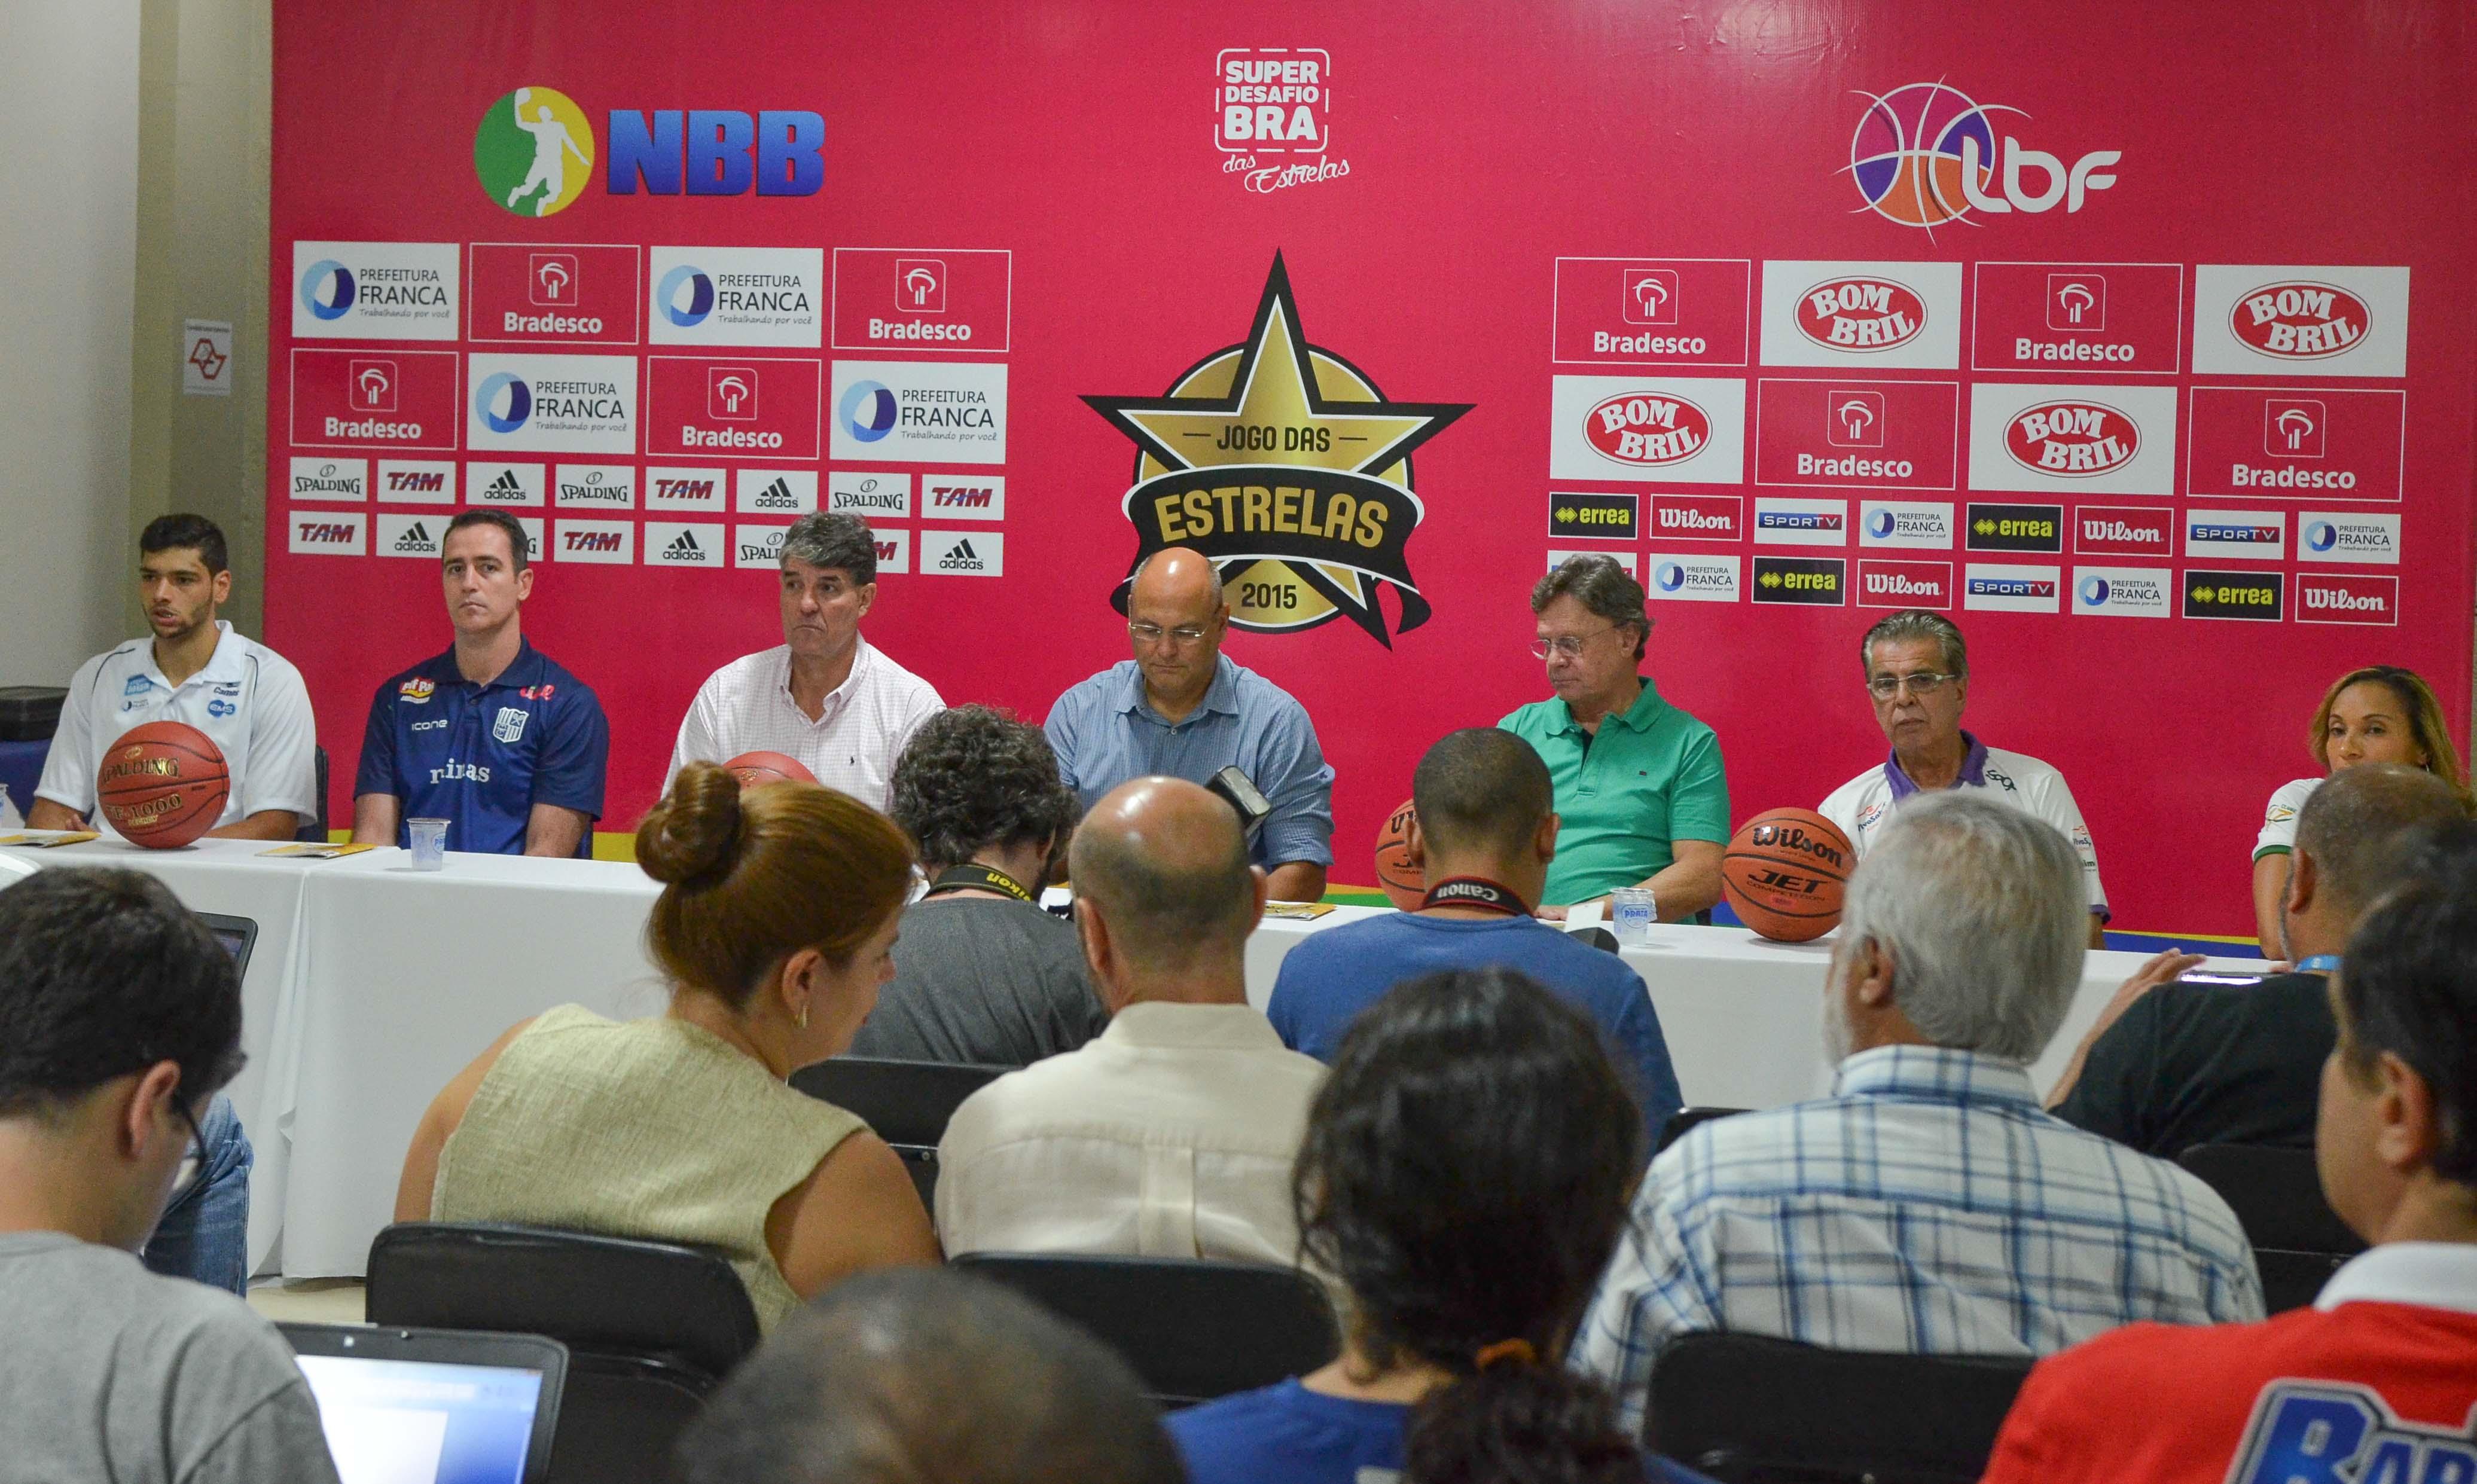 Coletiva de imprensa Jogo das Estrelas 2015